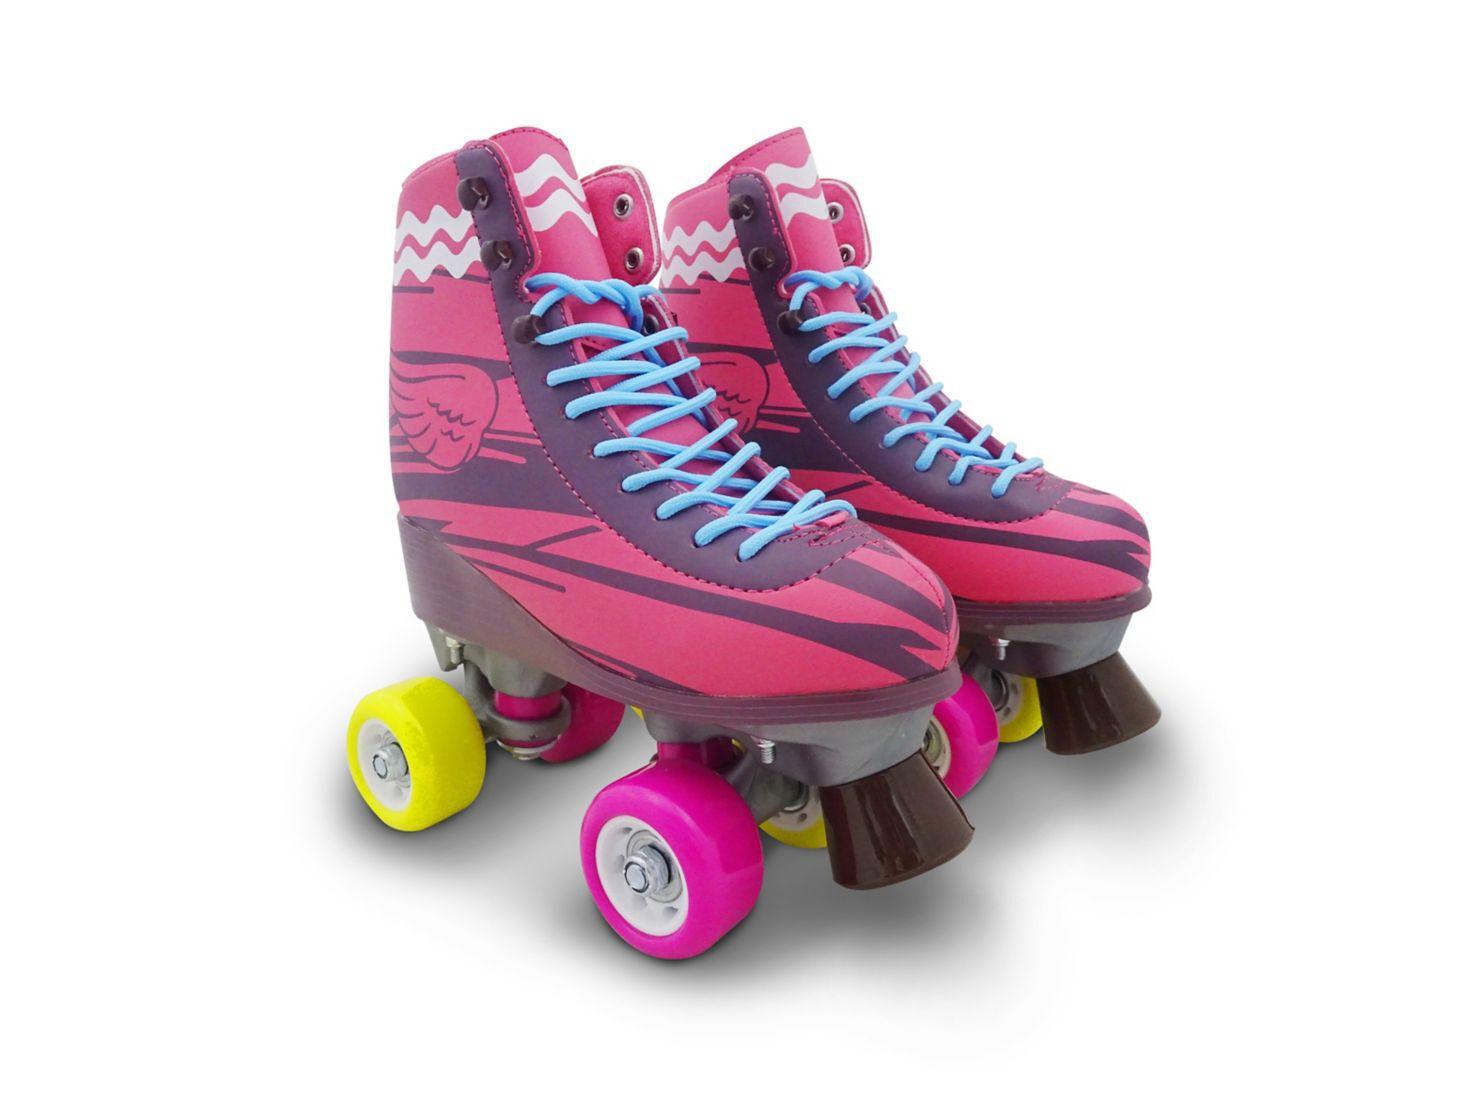 mezcla pizarra Desmañado  Patines Roller Soy Luna 2.0 Disney Talla 32 - Patines, Scooter y Skates |  Paris.cl